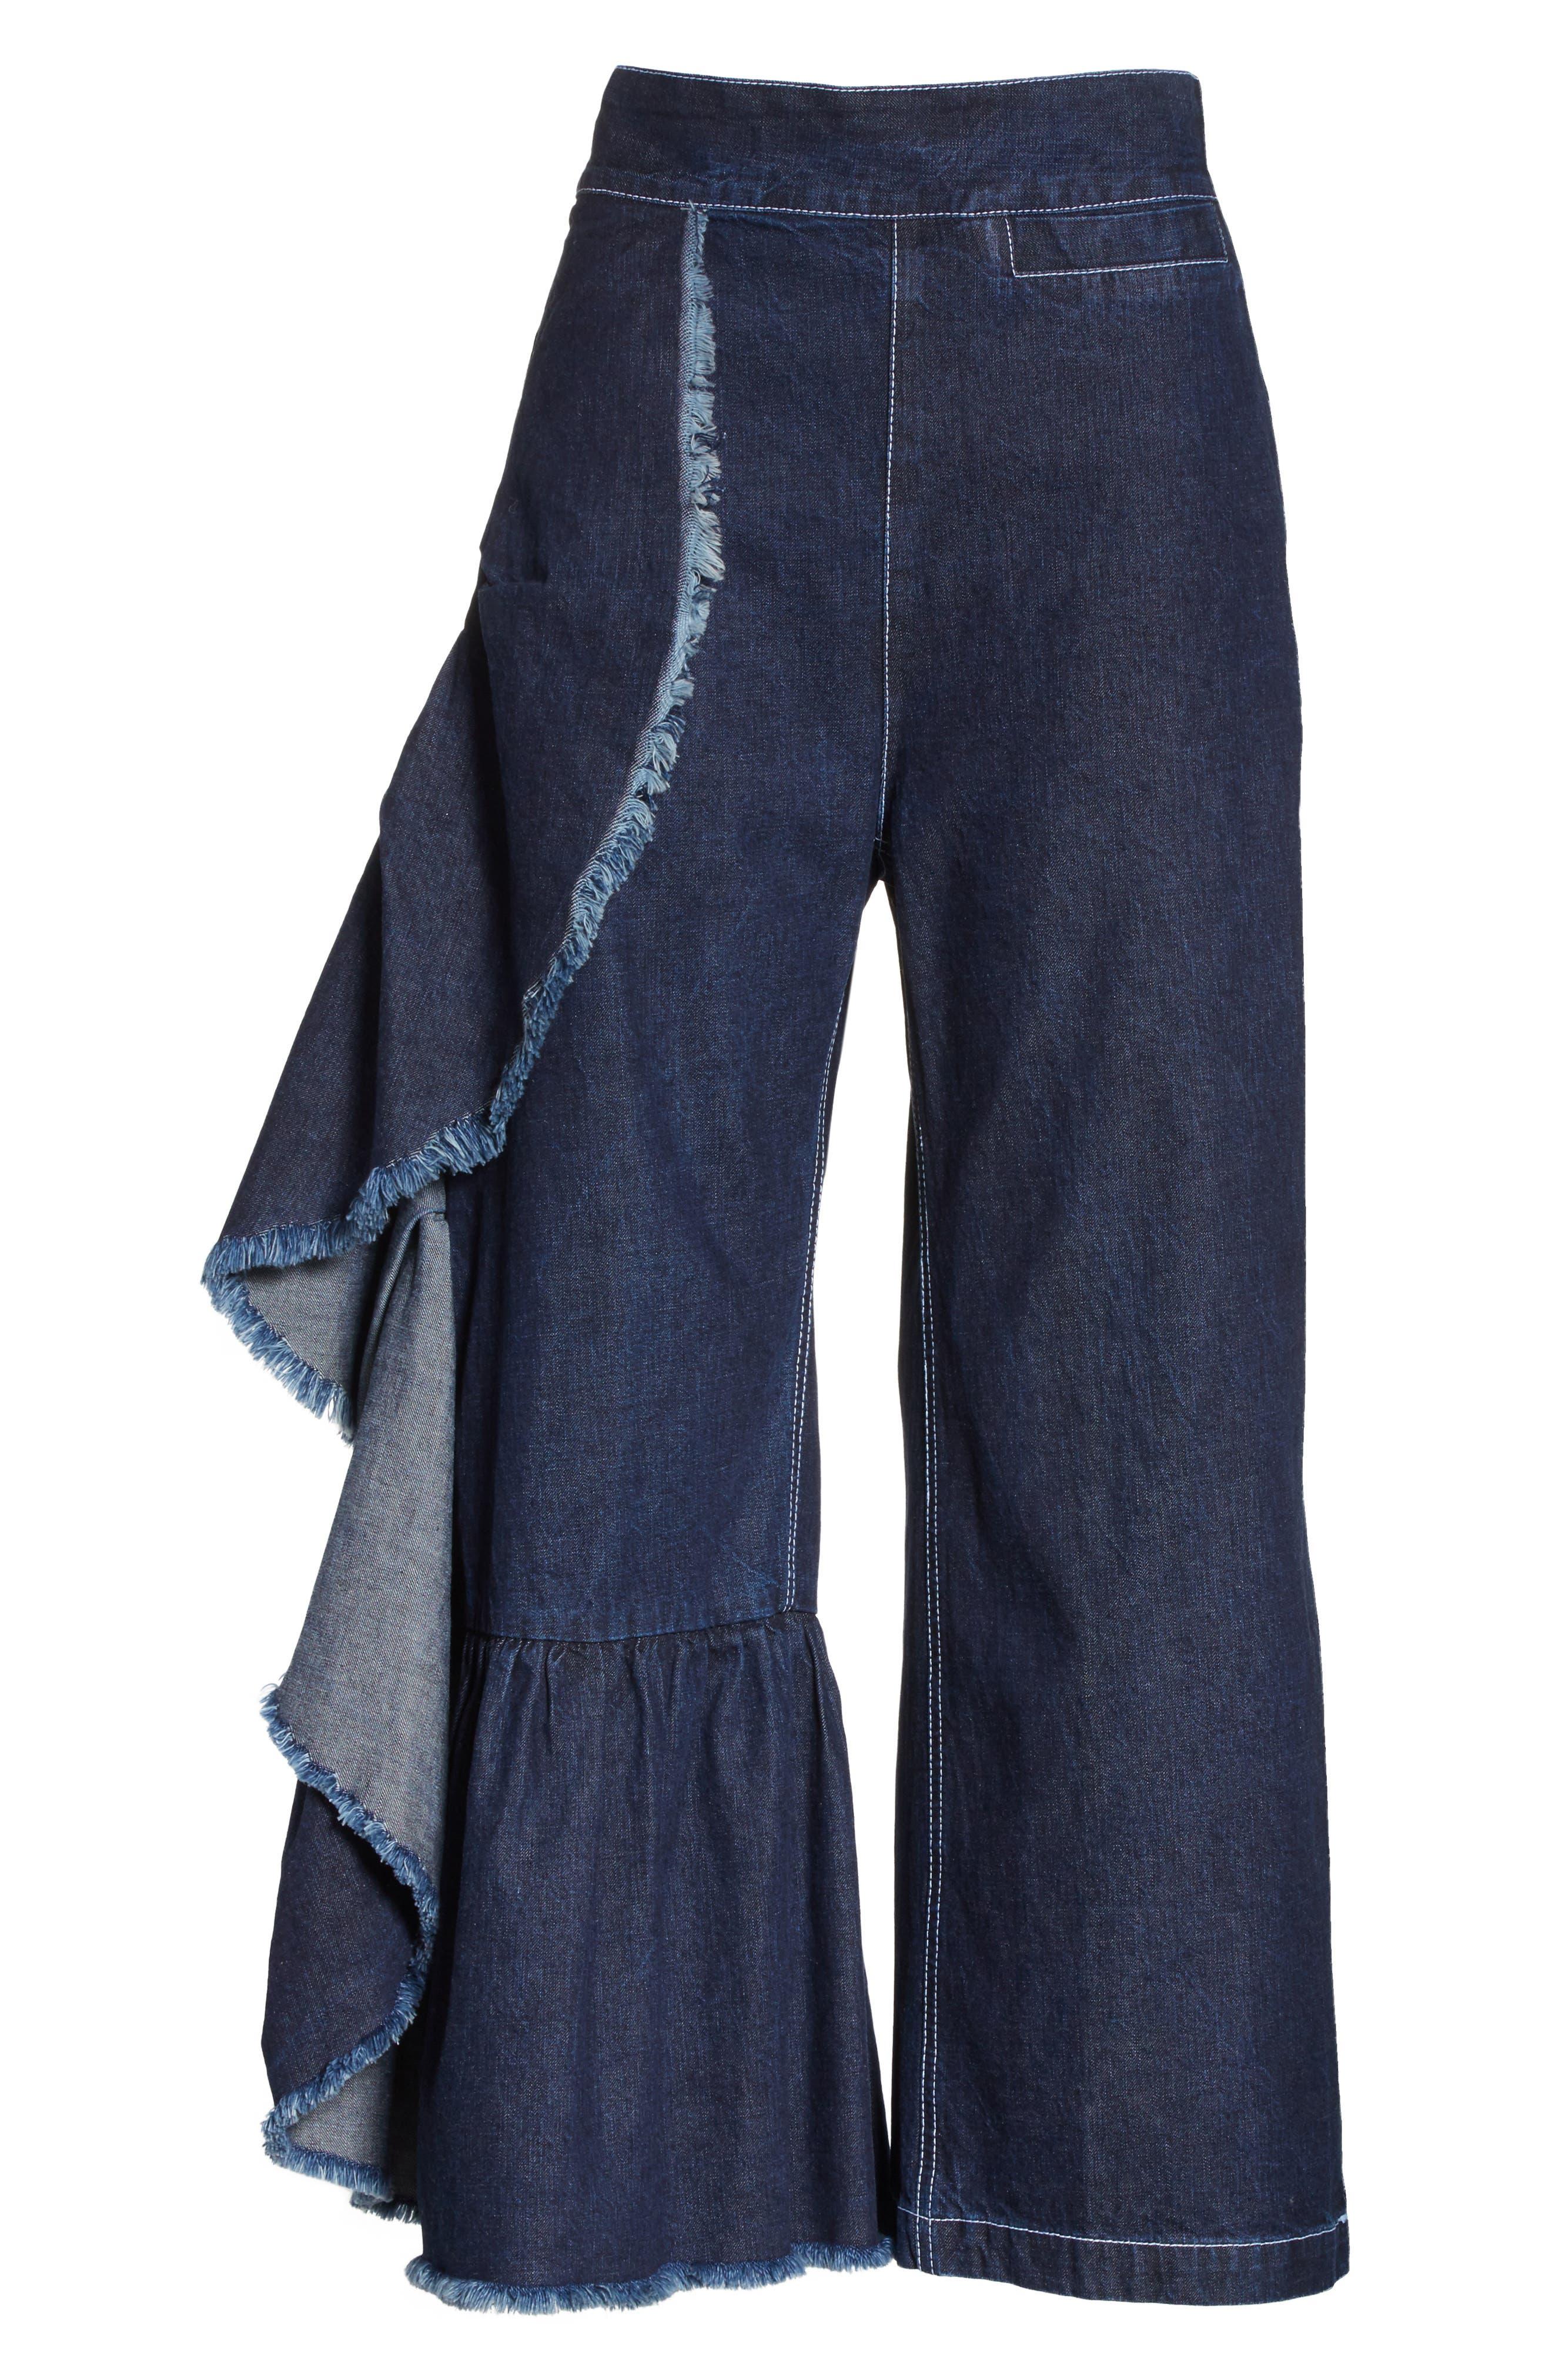 Revel Ruffle Pants,                             Alternate thumbnail 6, color,                             402